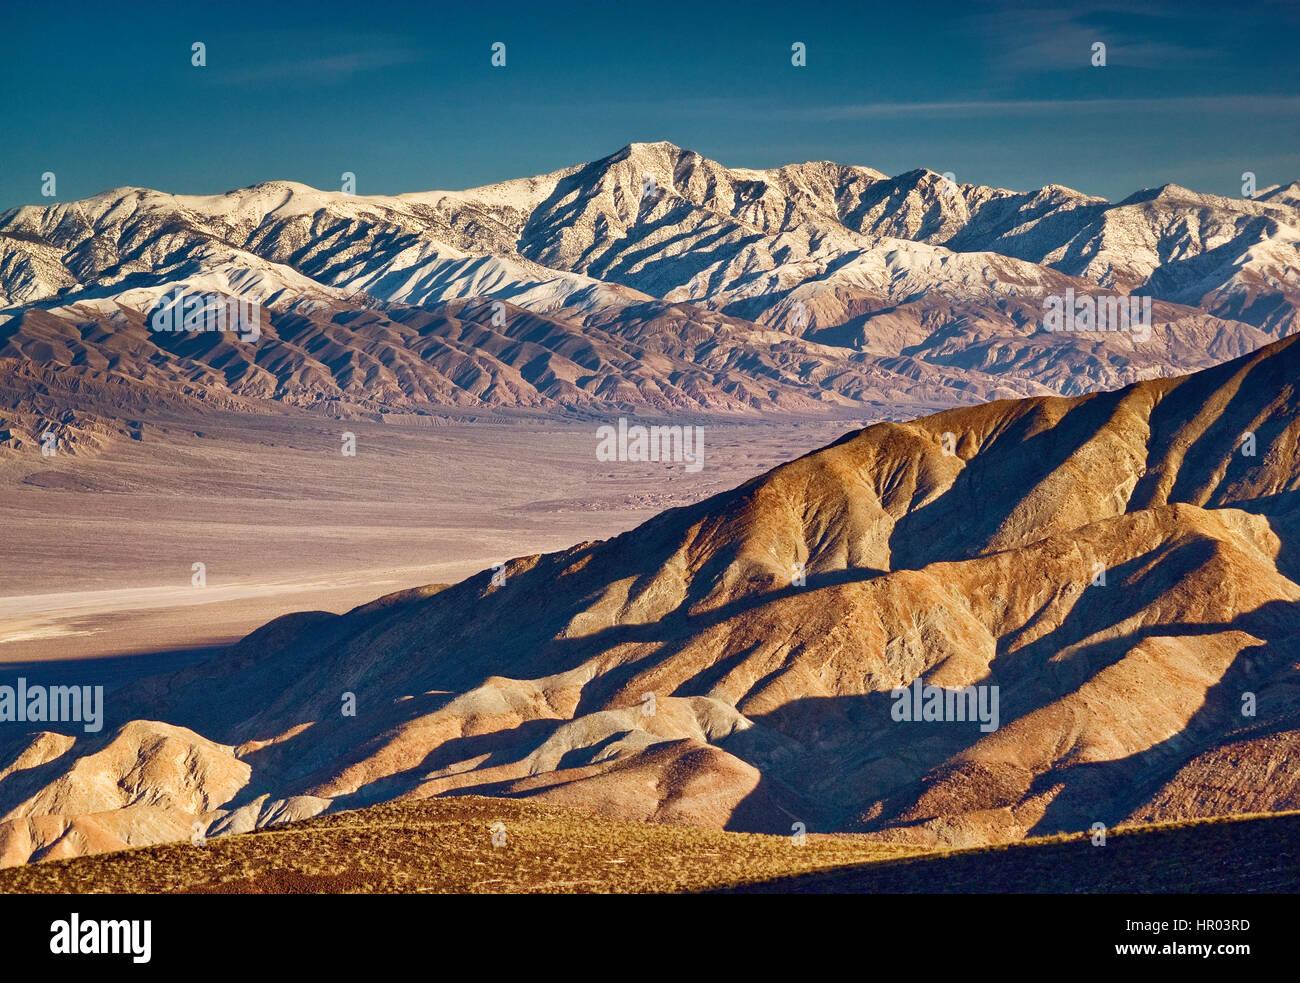 Picco di telescopio nel panamint range coperto di neve su panamint valley, Death Valley nat. Park, California, Stati Immagini Stock